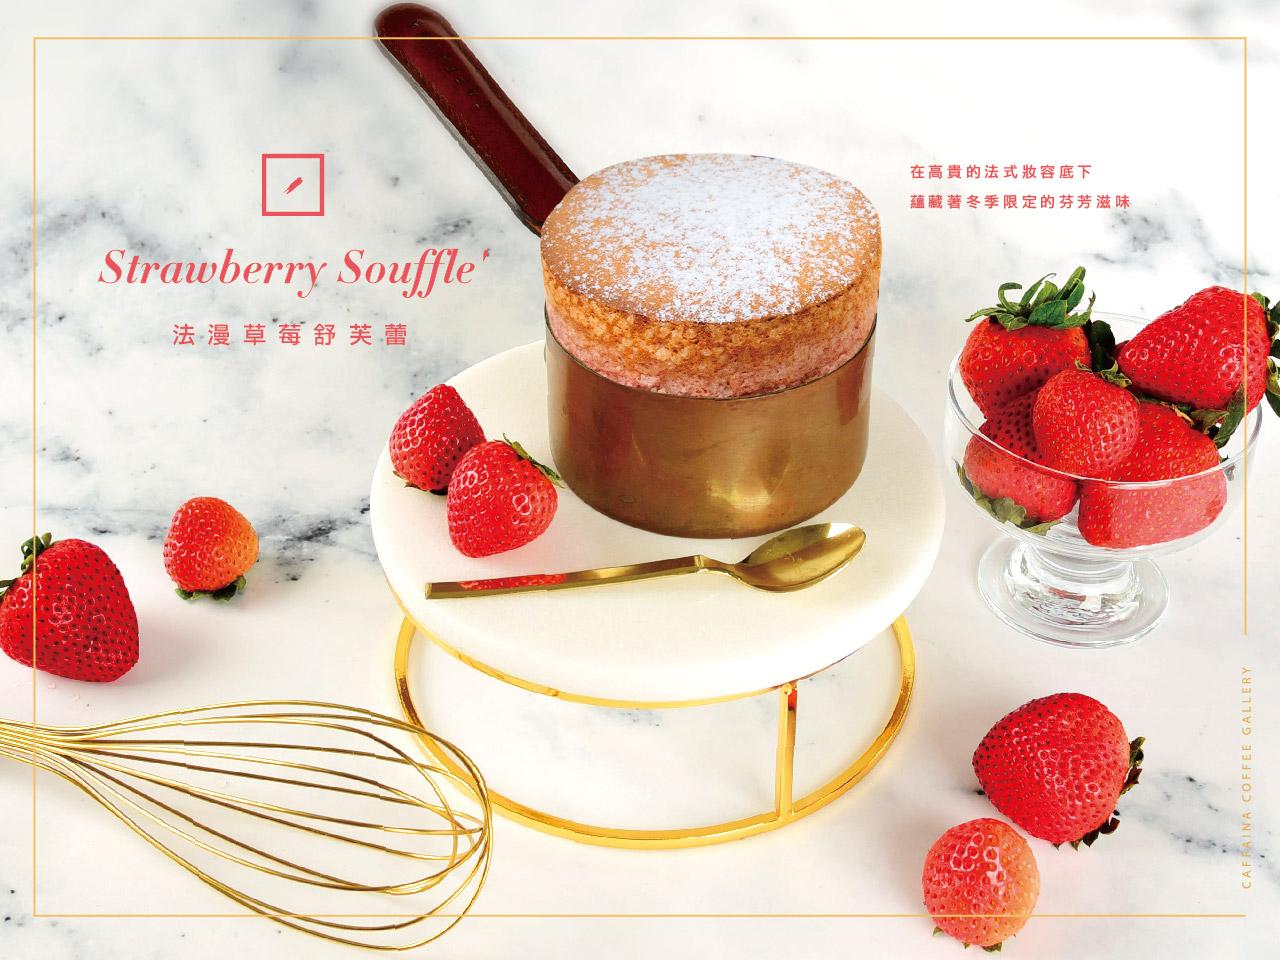 Strawberry Season New Arrival🌟 |卡啡那草莓季新品上市|